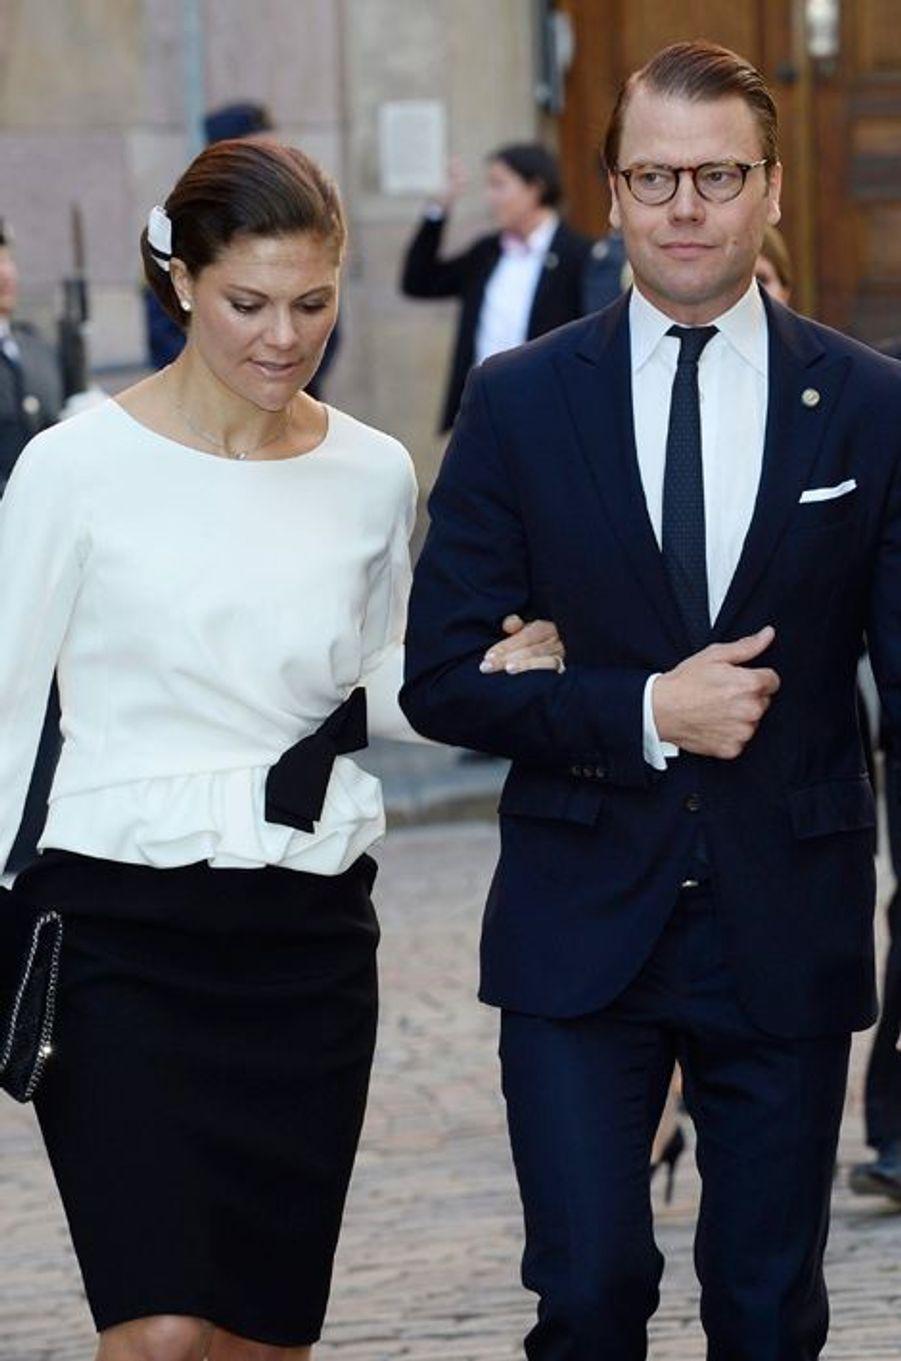 La princesse Victoria et le prince Daniel à la rentrée du Parlement de Suède, le 30 septembre 2014